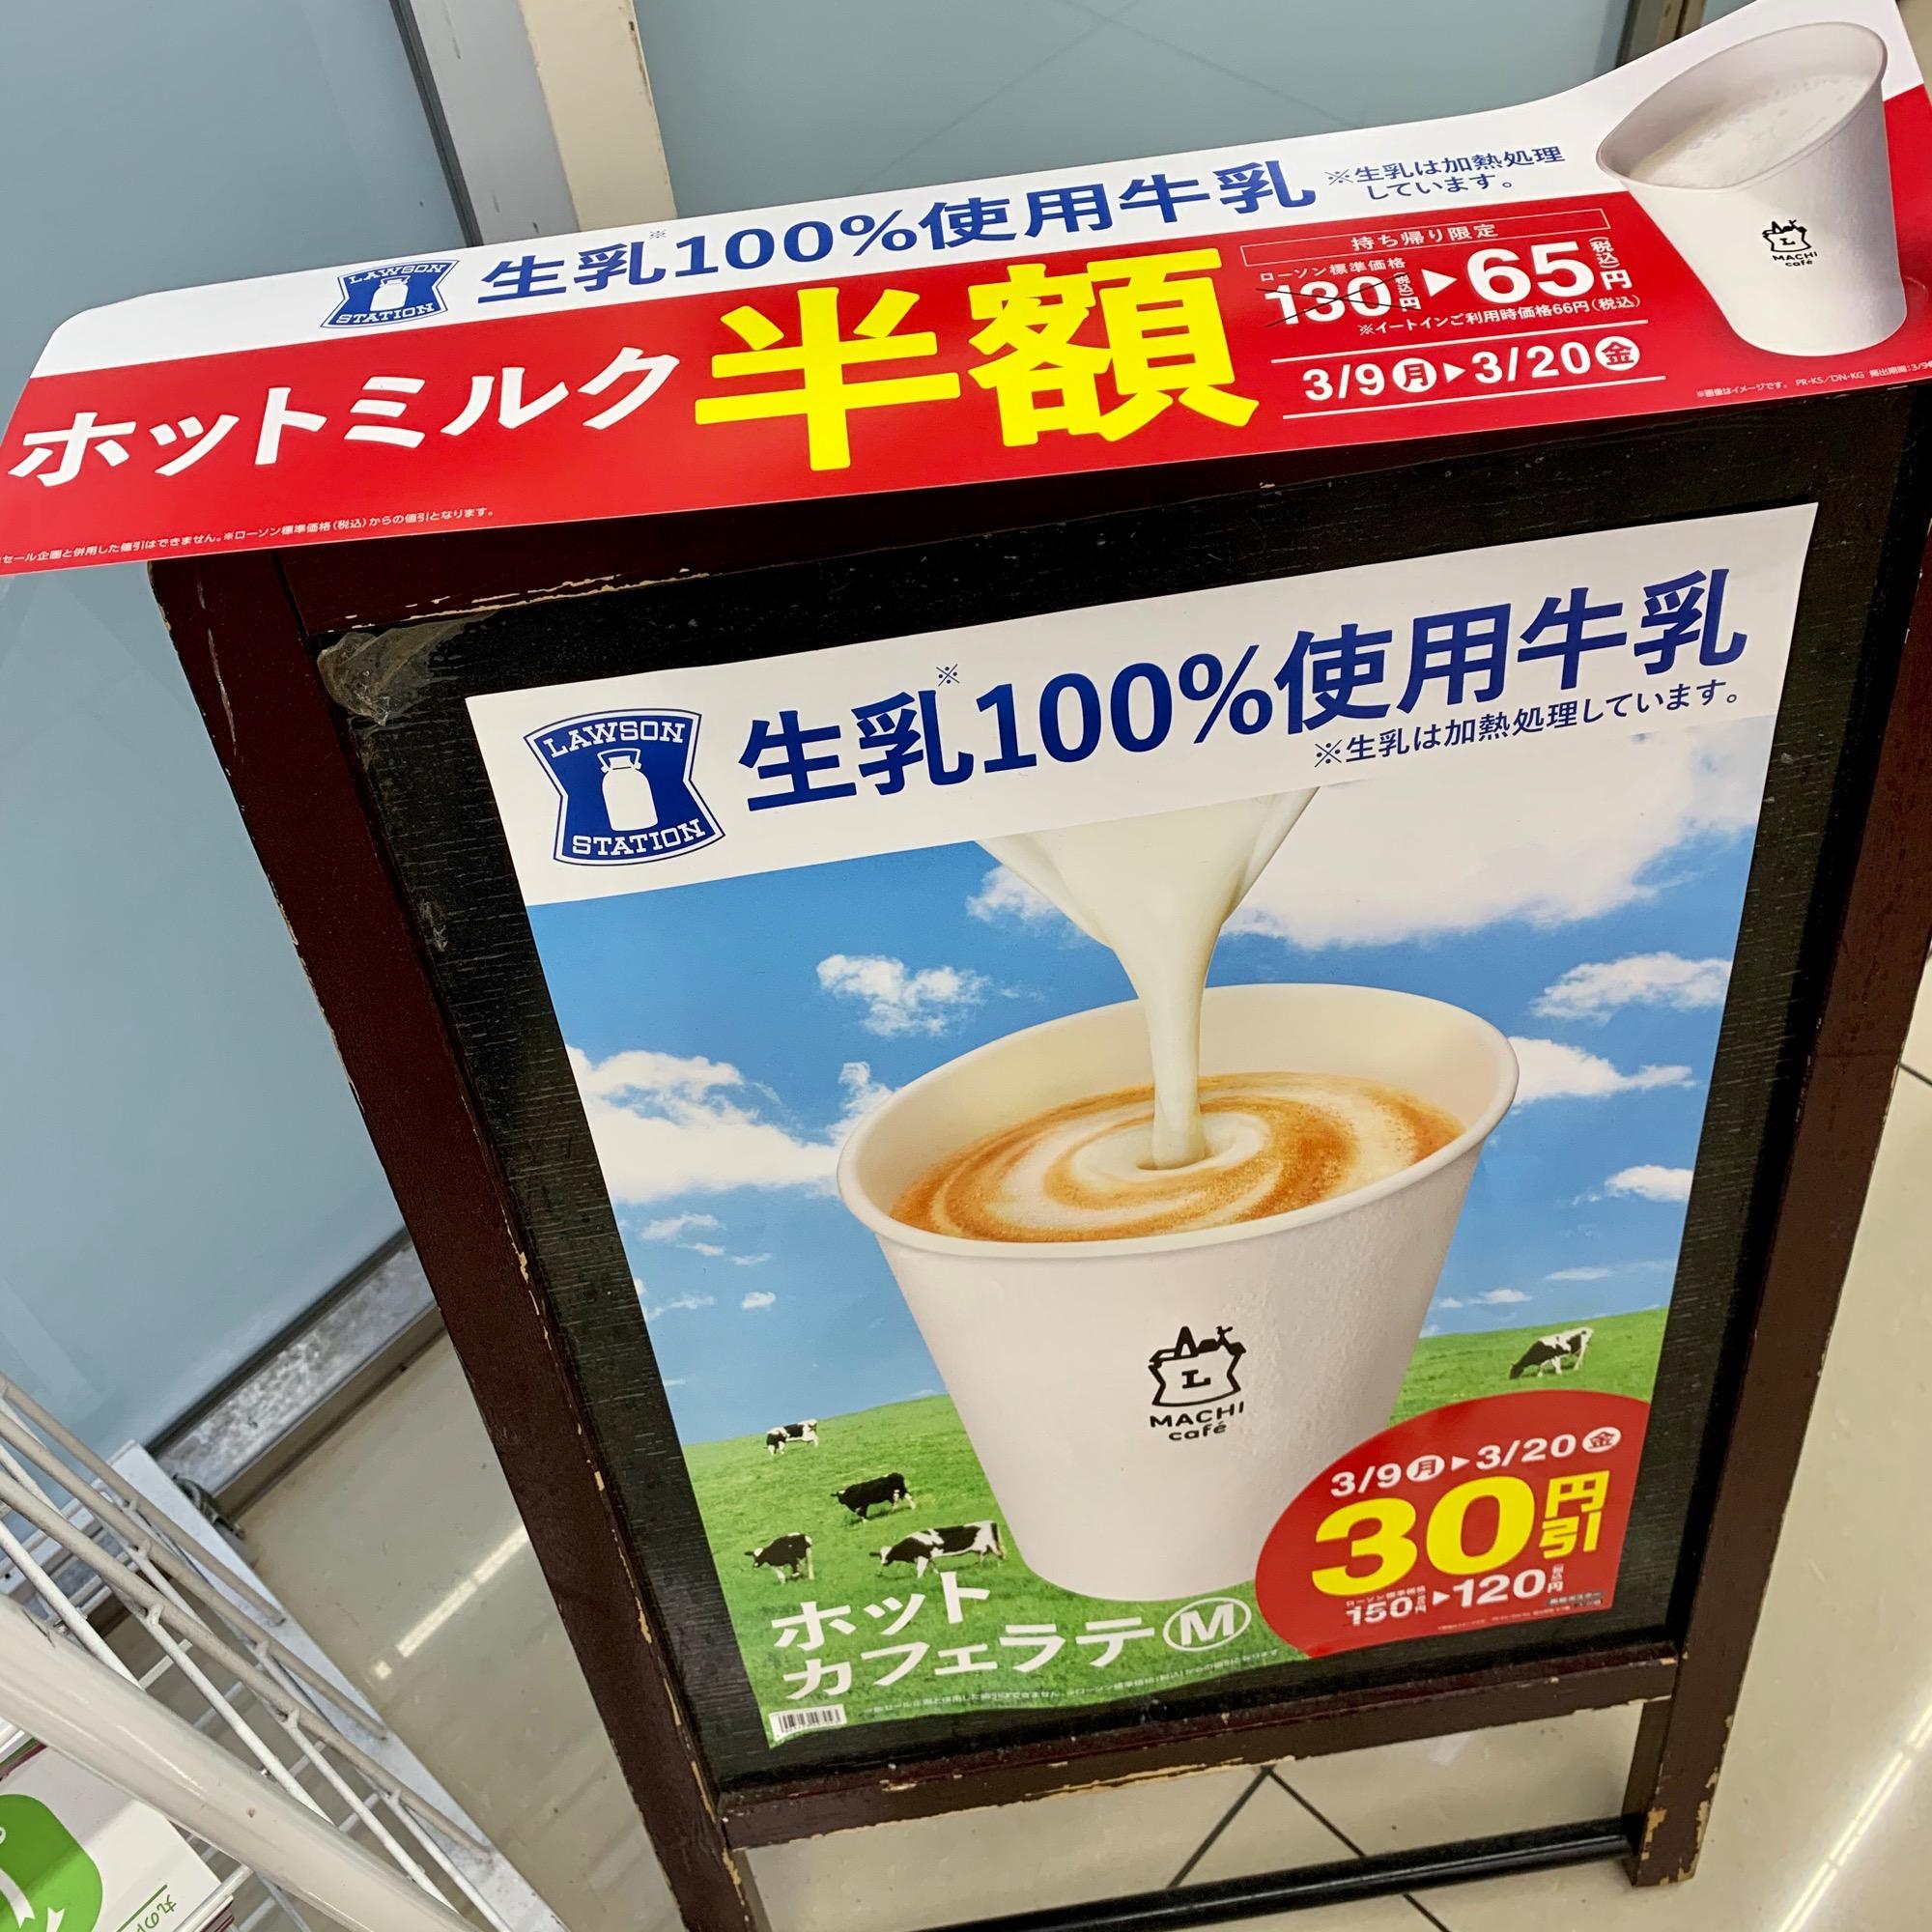 《3/9〜3/20期間限定❤️》新型コロナウィルス対策!【ローソン】ホットミルク半額!カフェラテ(M)も30円引きに☻_1